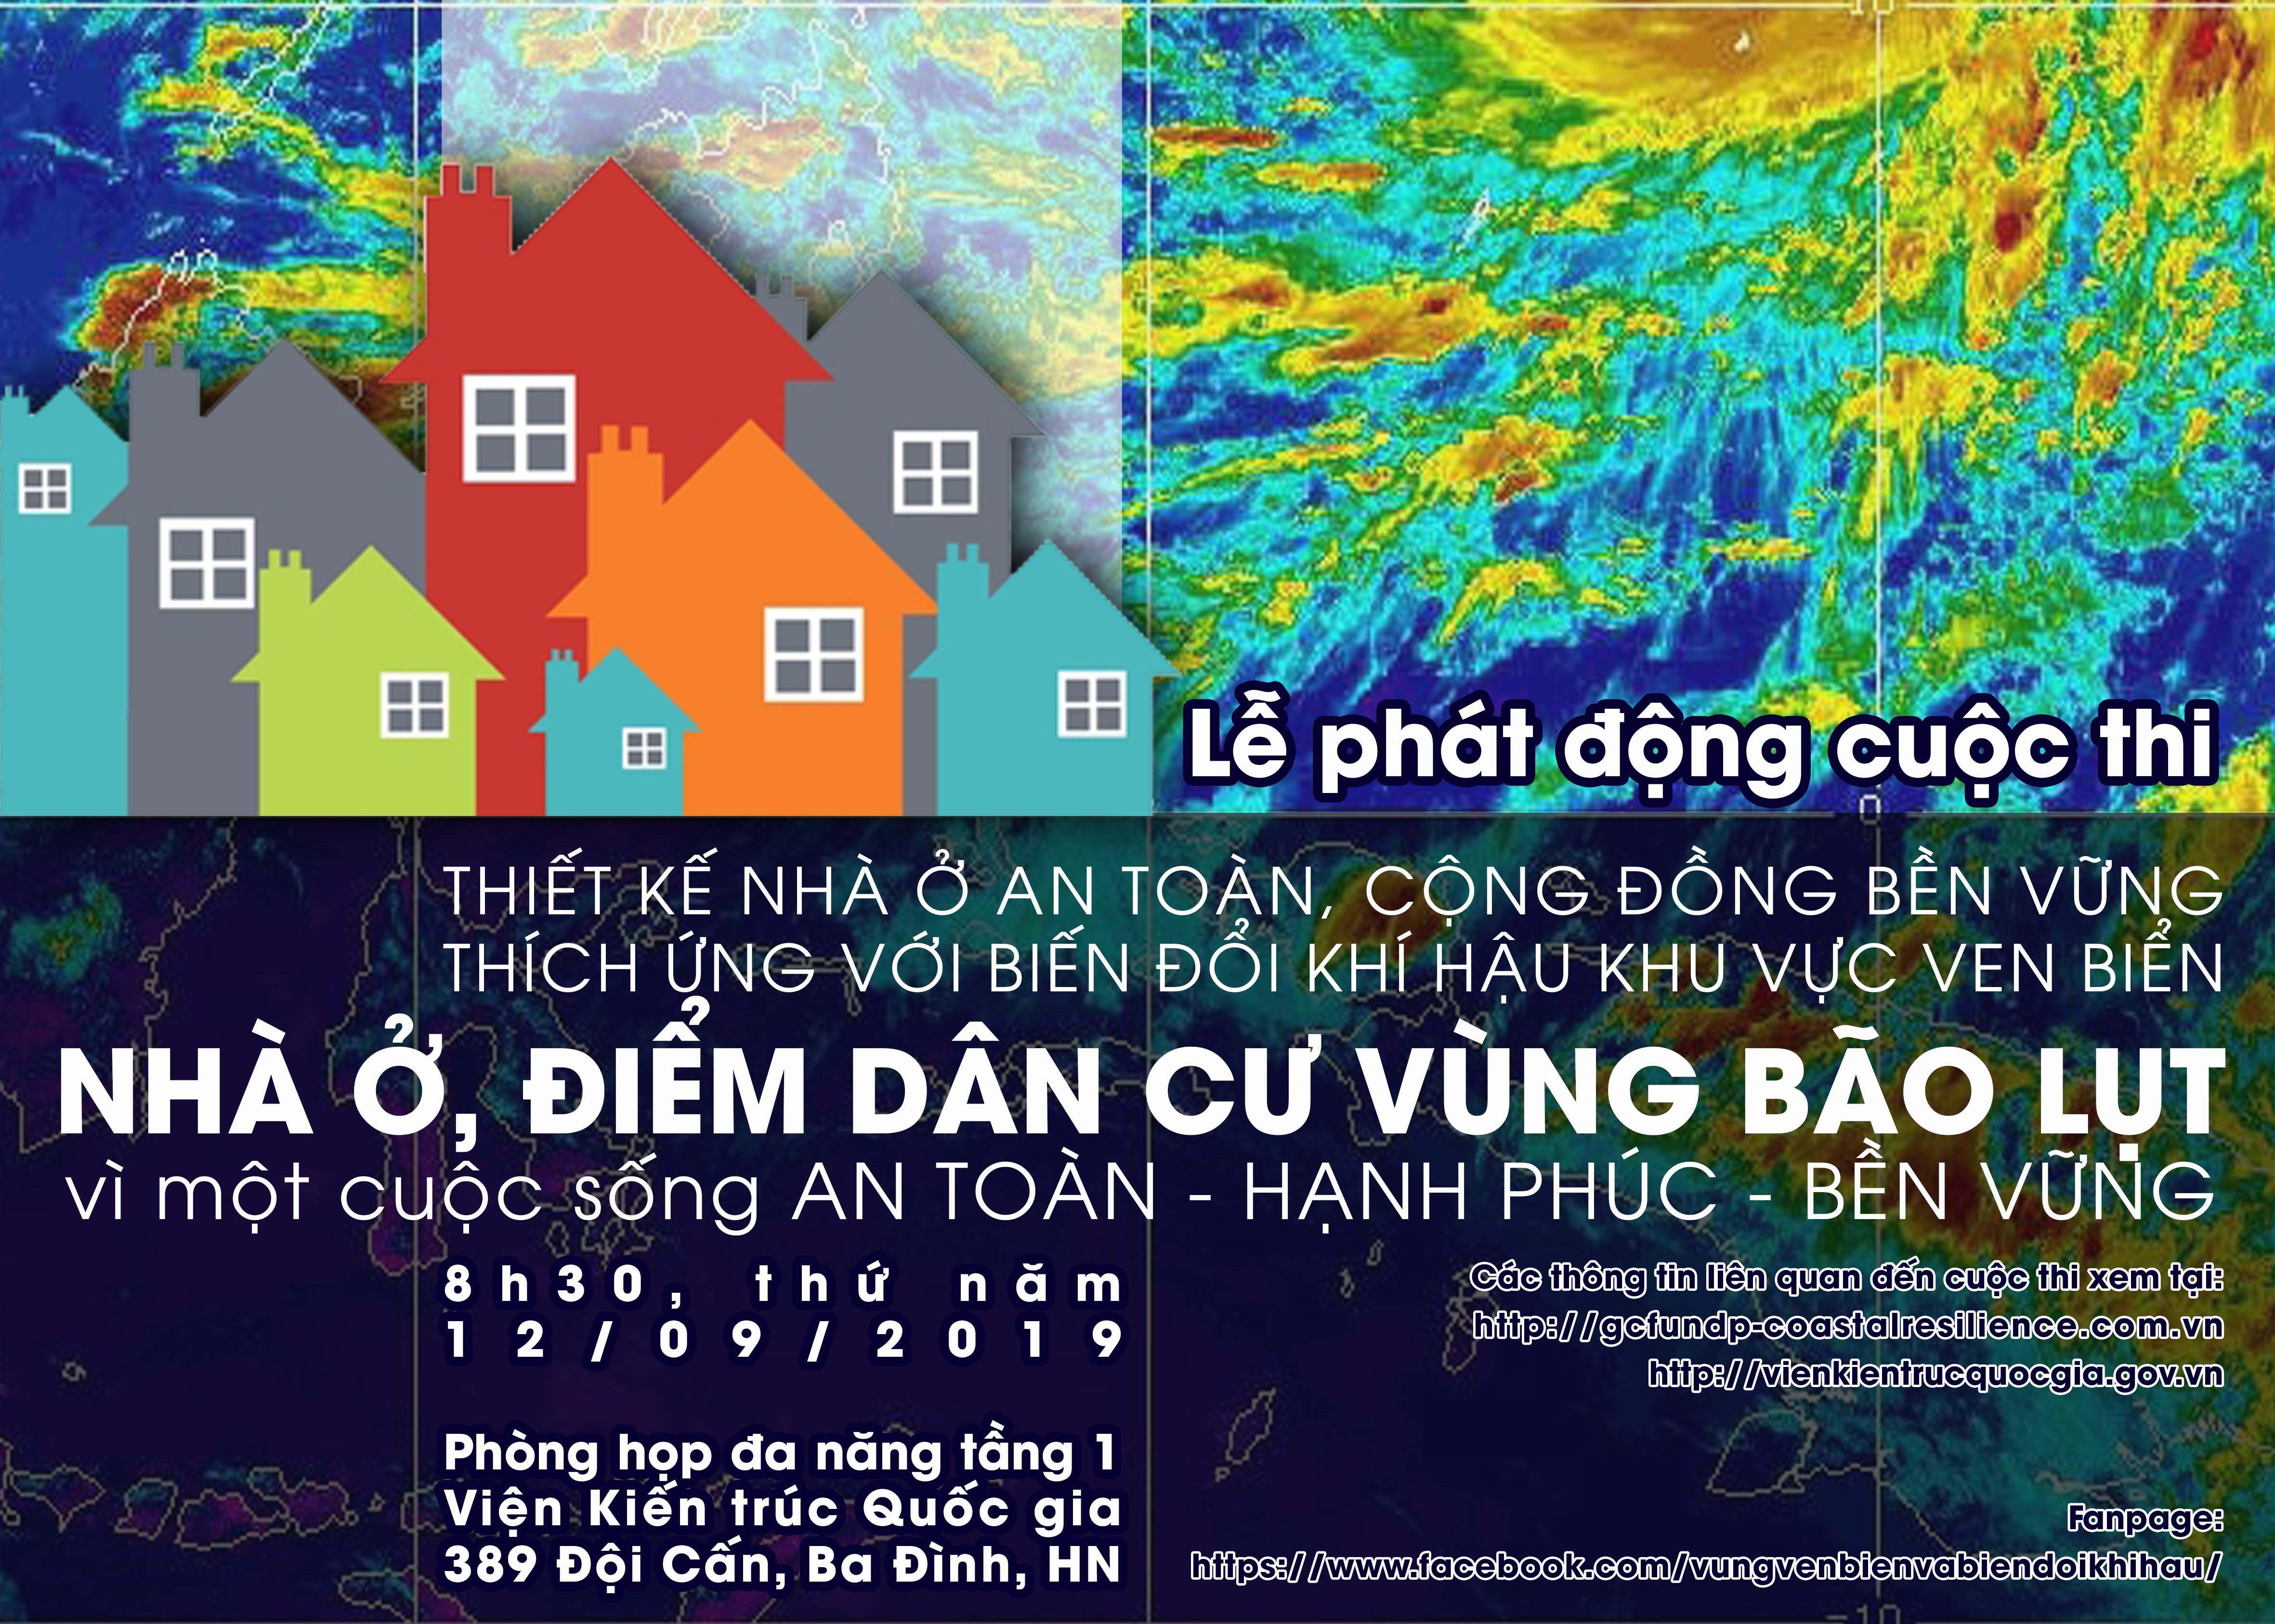 """Cuộc thi """"Thiết kế nhà ở an toàn – cộng đồng bền vững với biến đổi khí hậu khu vực ven biển"""""""